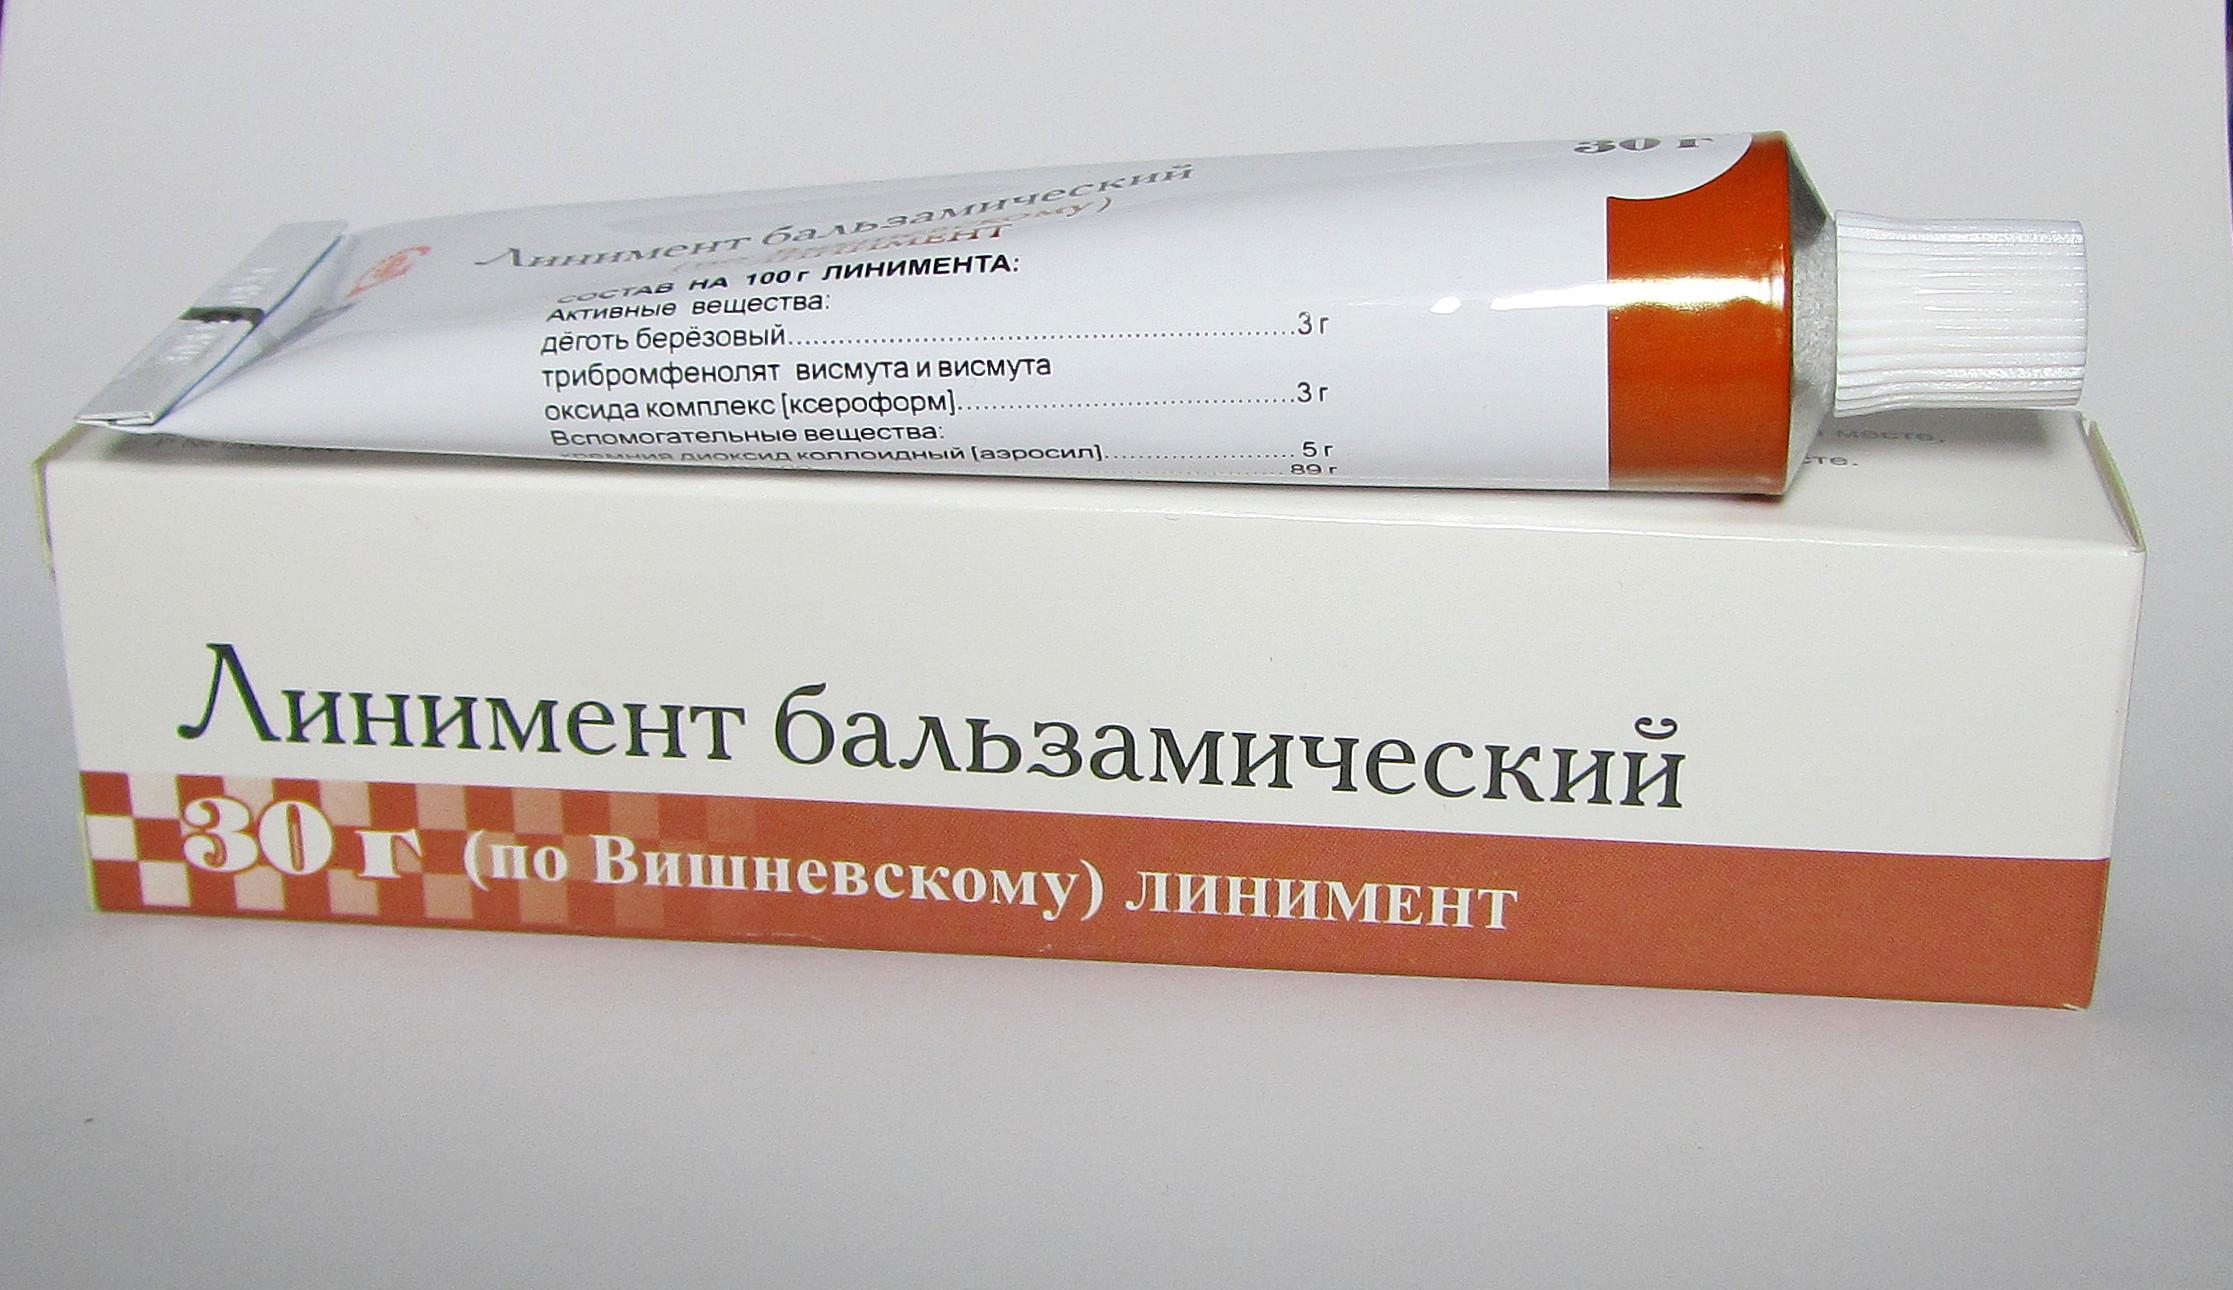 Левомеколь: аналоги мази российские и зарубежные, состав, инструкция по применению